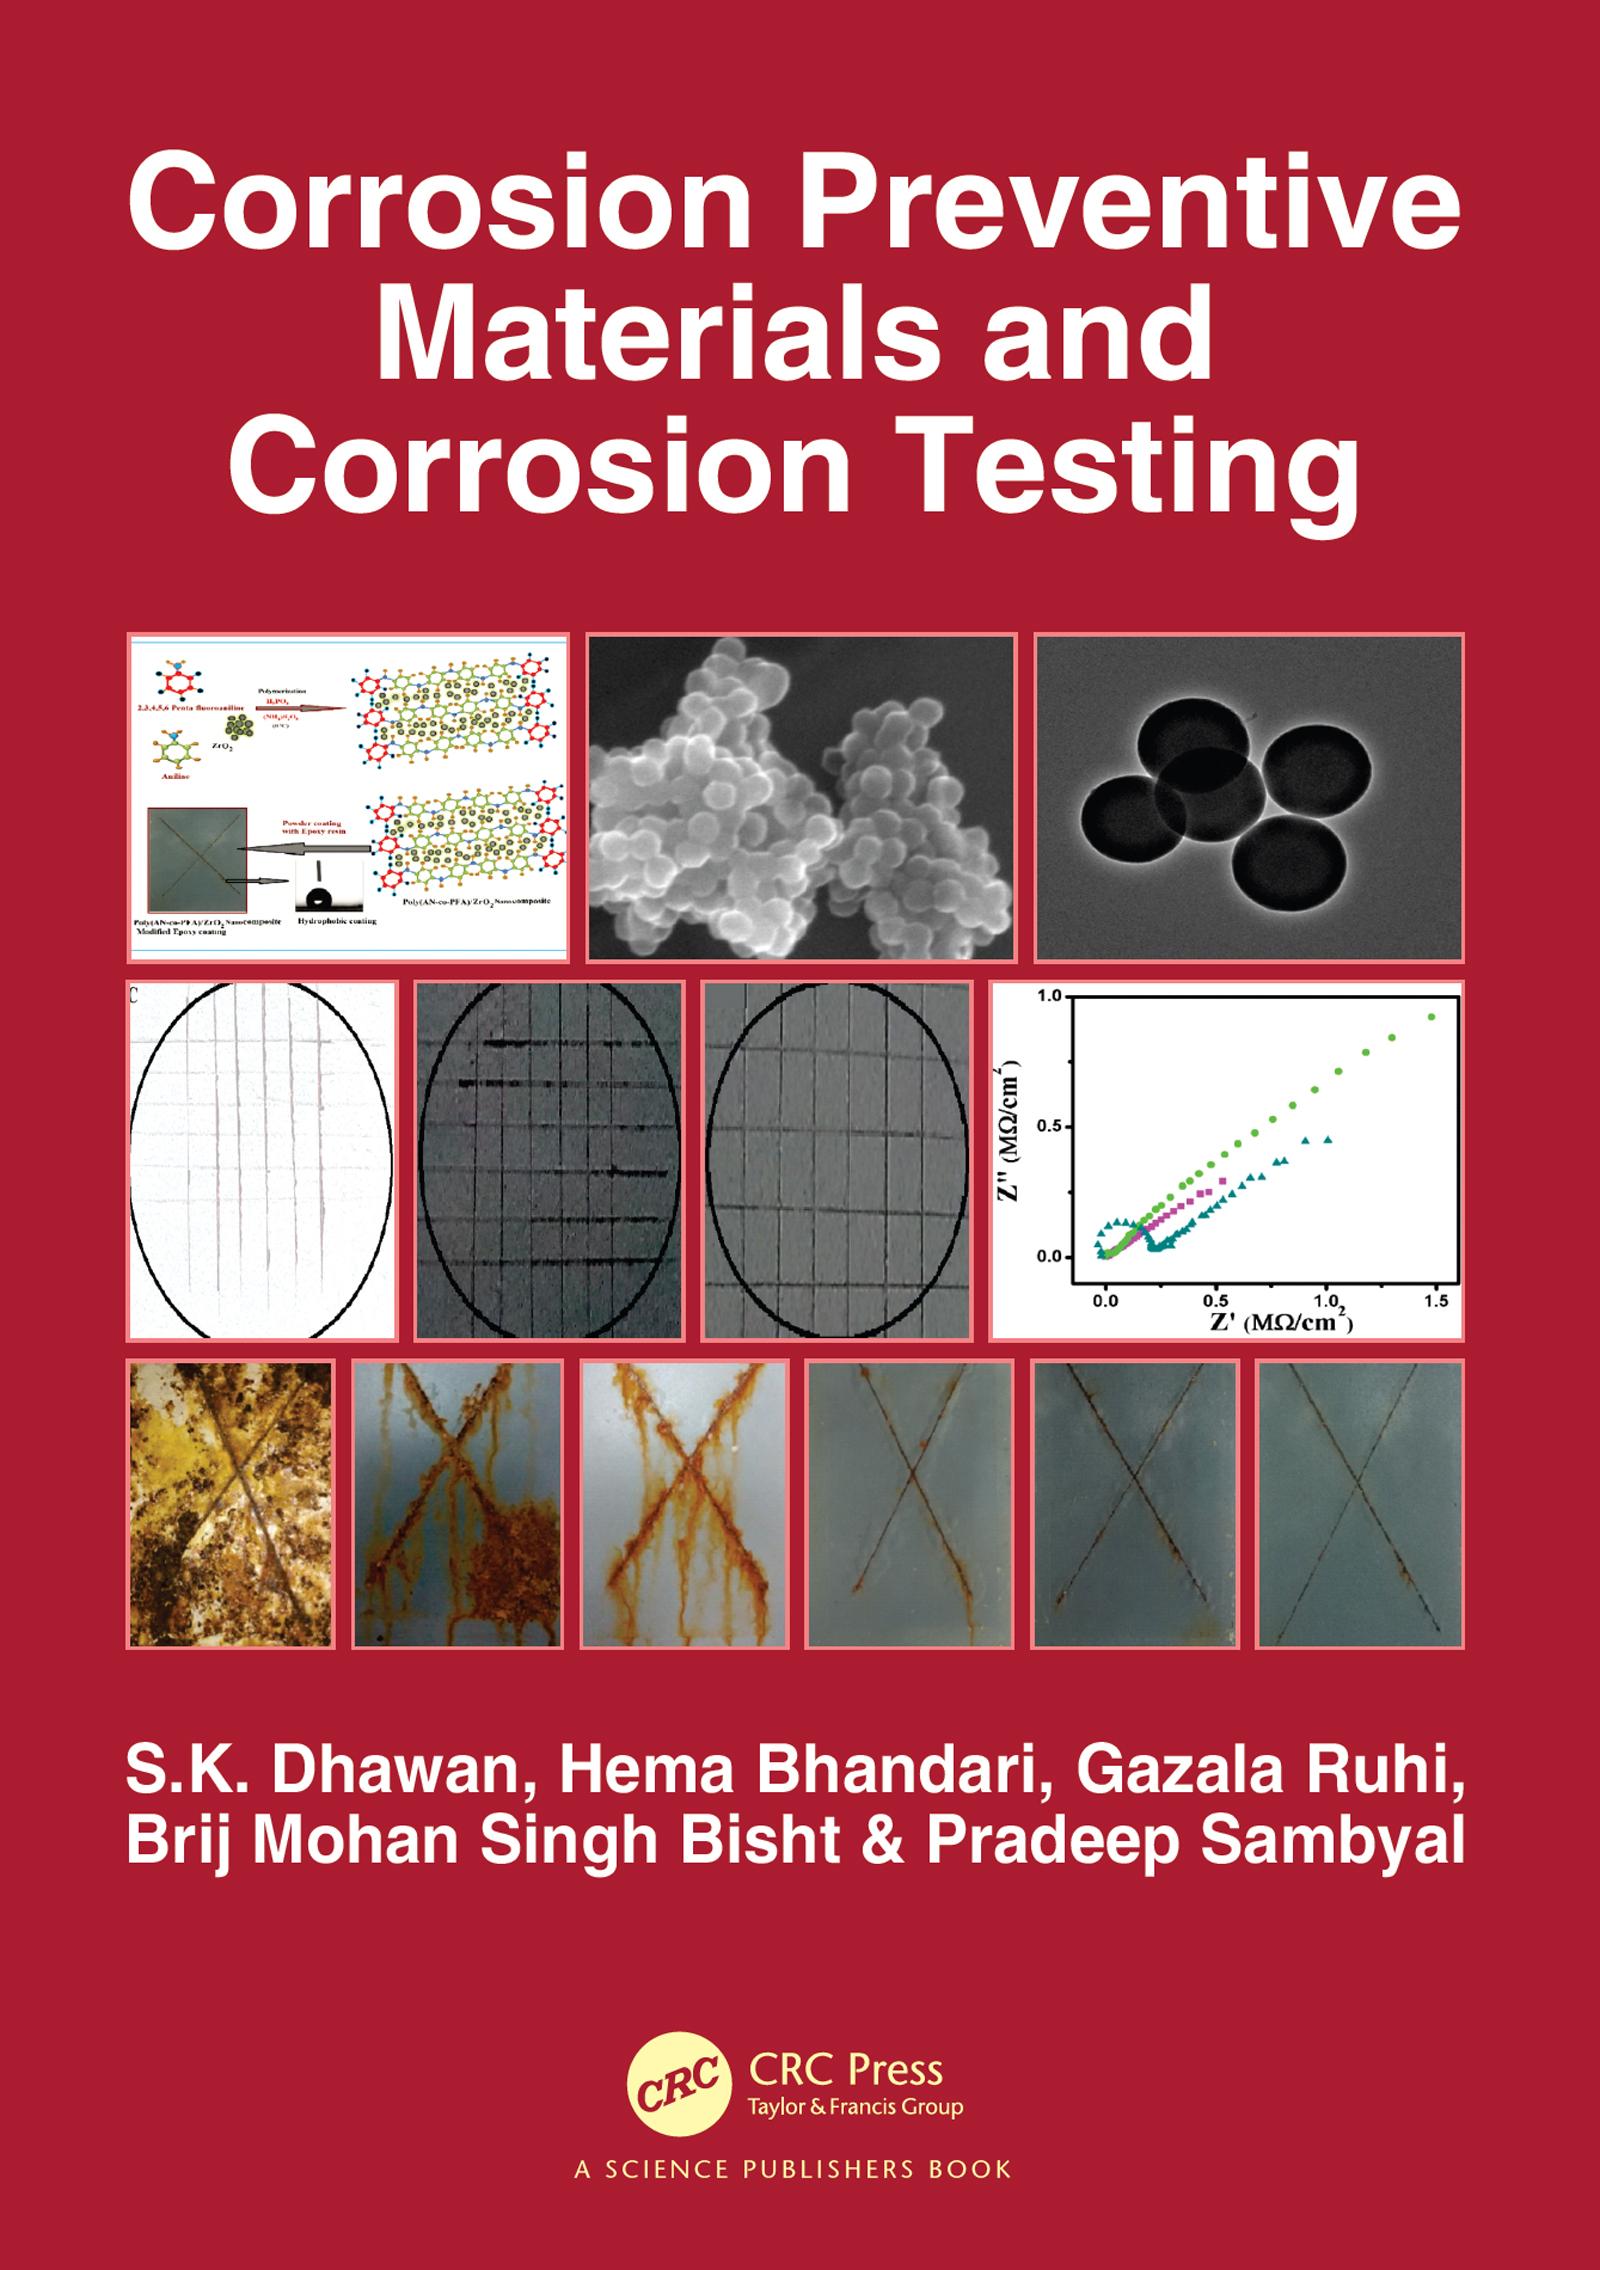 Corrosion Preventive Materials and Corrosion Testing book cover